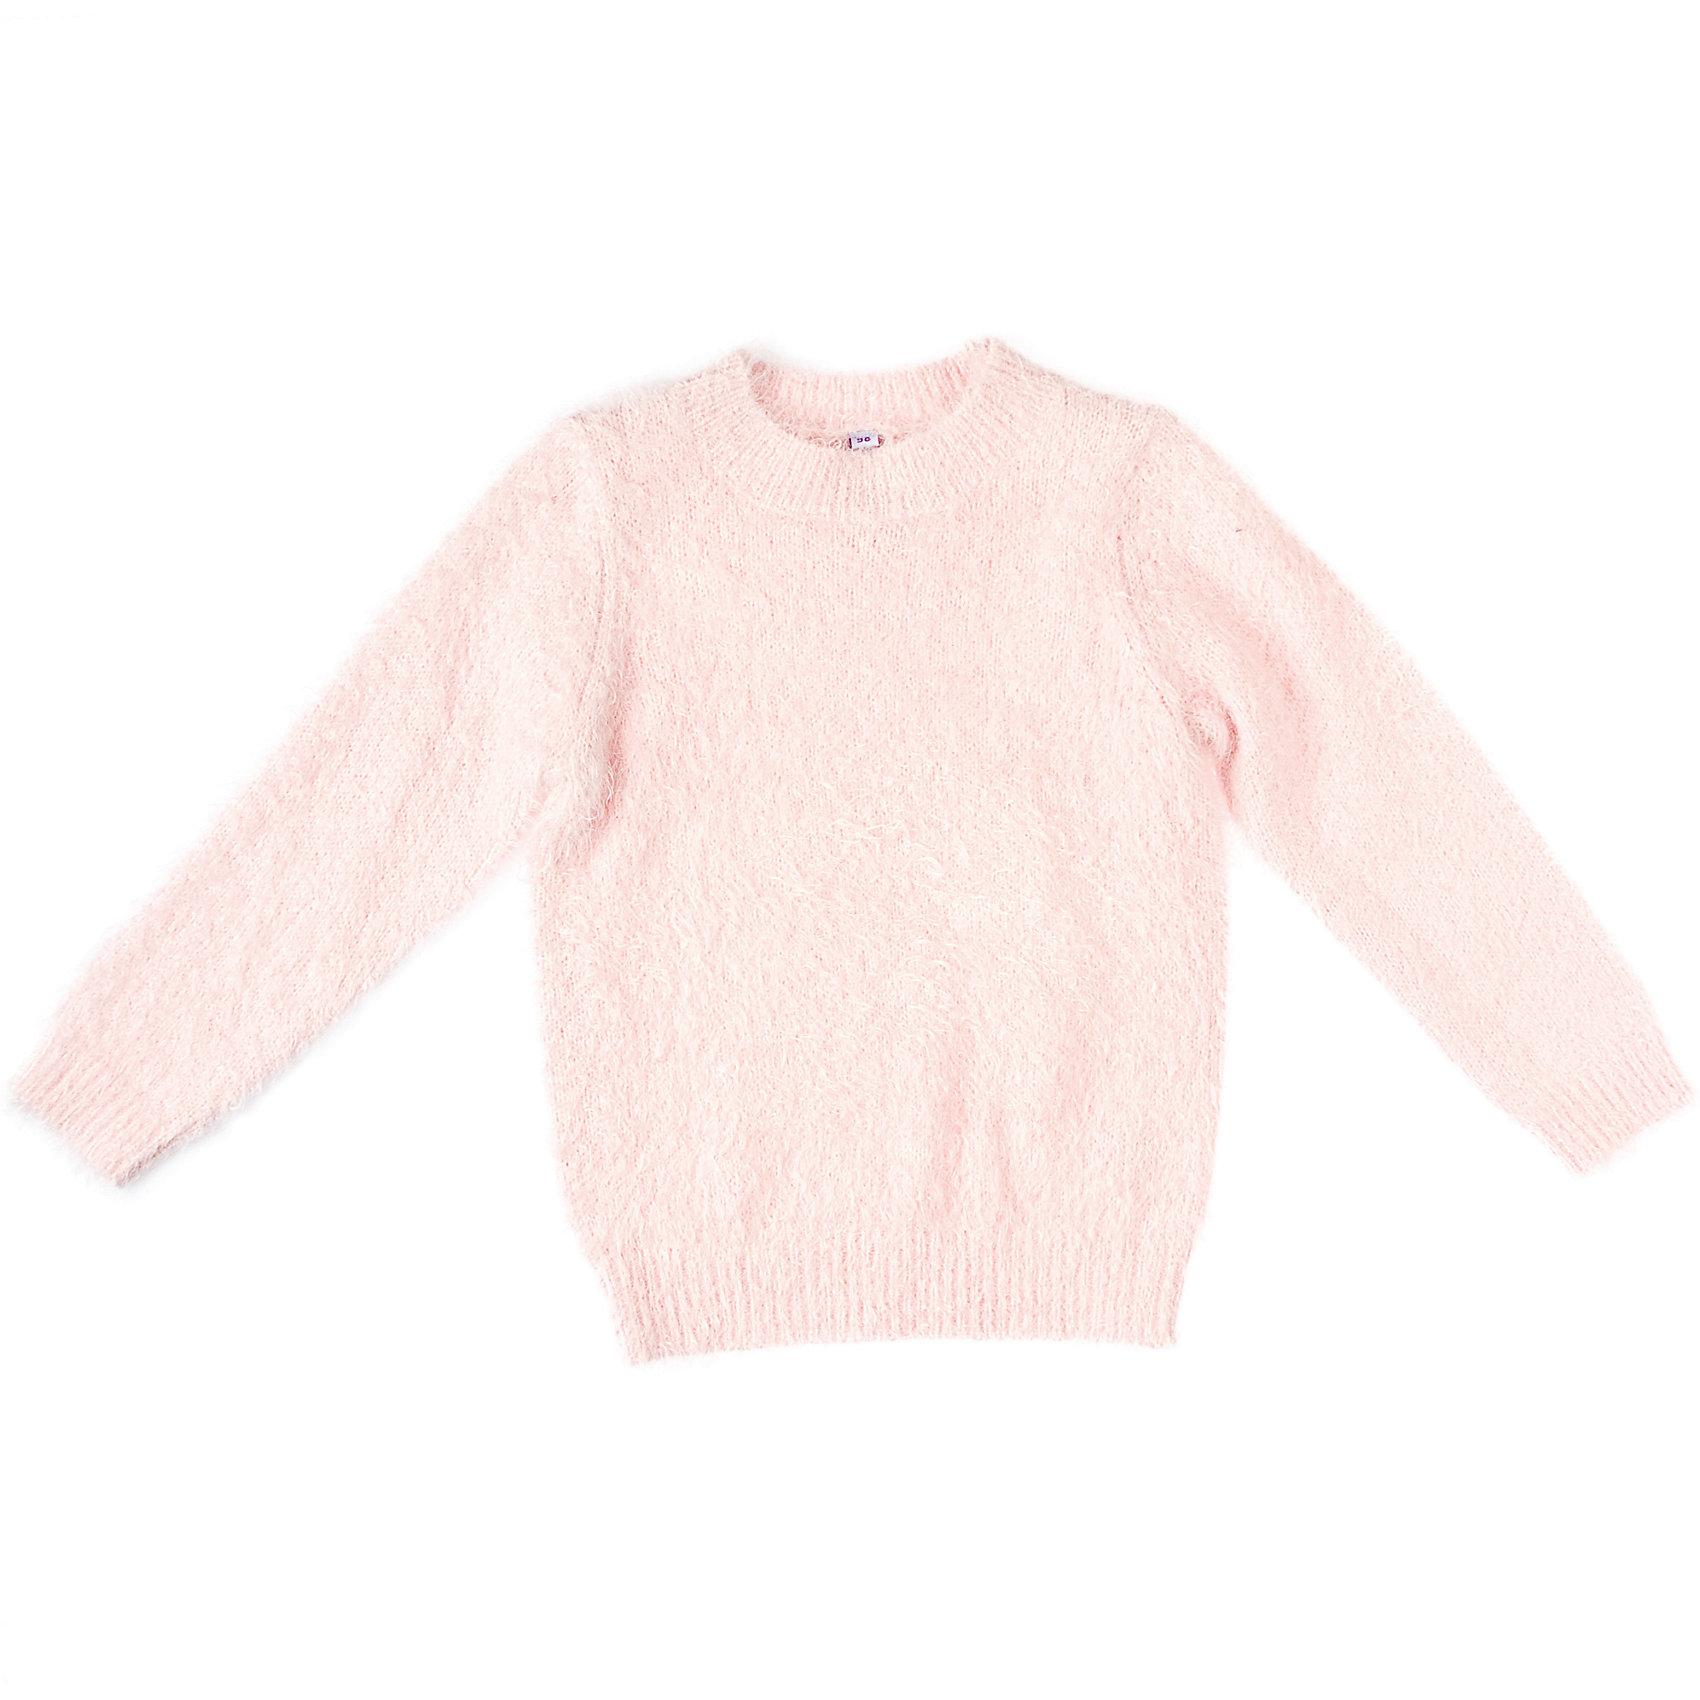 Кардиган для девочки PlayTodayКардиган для девочки PlayToday Пушистый розовый джемпер. Очень мягкий и теплый. Понравится вашей дочери. Состав: 50% хлопок, 30% акрил, 20% полиэстер<br><br>Ширина мм: 190<br>Глубина мм: 74<br>Высота мм: 229<br>Вес г: 236<br>Цвет: розовый<br>Возраст от месяцев: 48<br>Возраст до месяцев: 60<br>Пол: Женский<br>Возраст: Детский<br>Размер: 110,128,104,122,116,98<br>SKU: 4228587